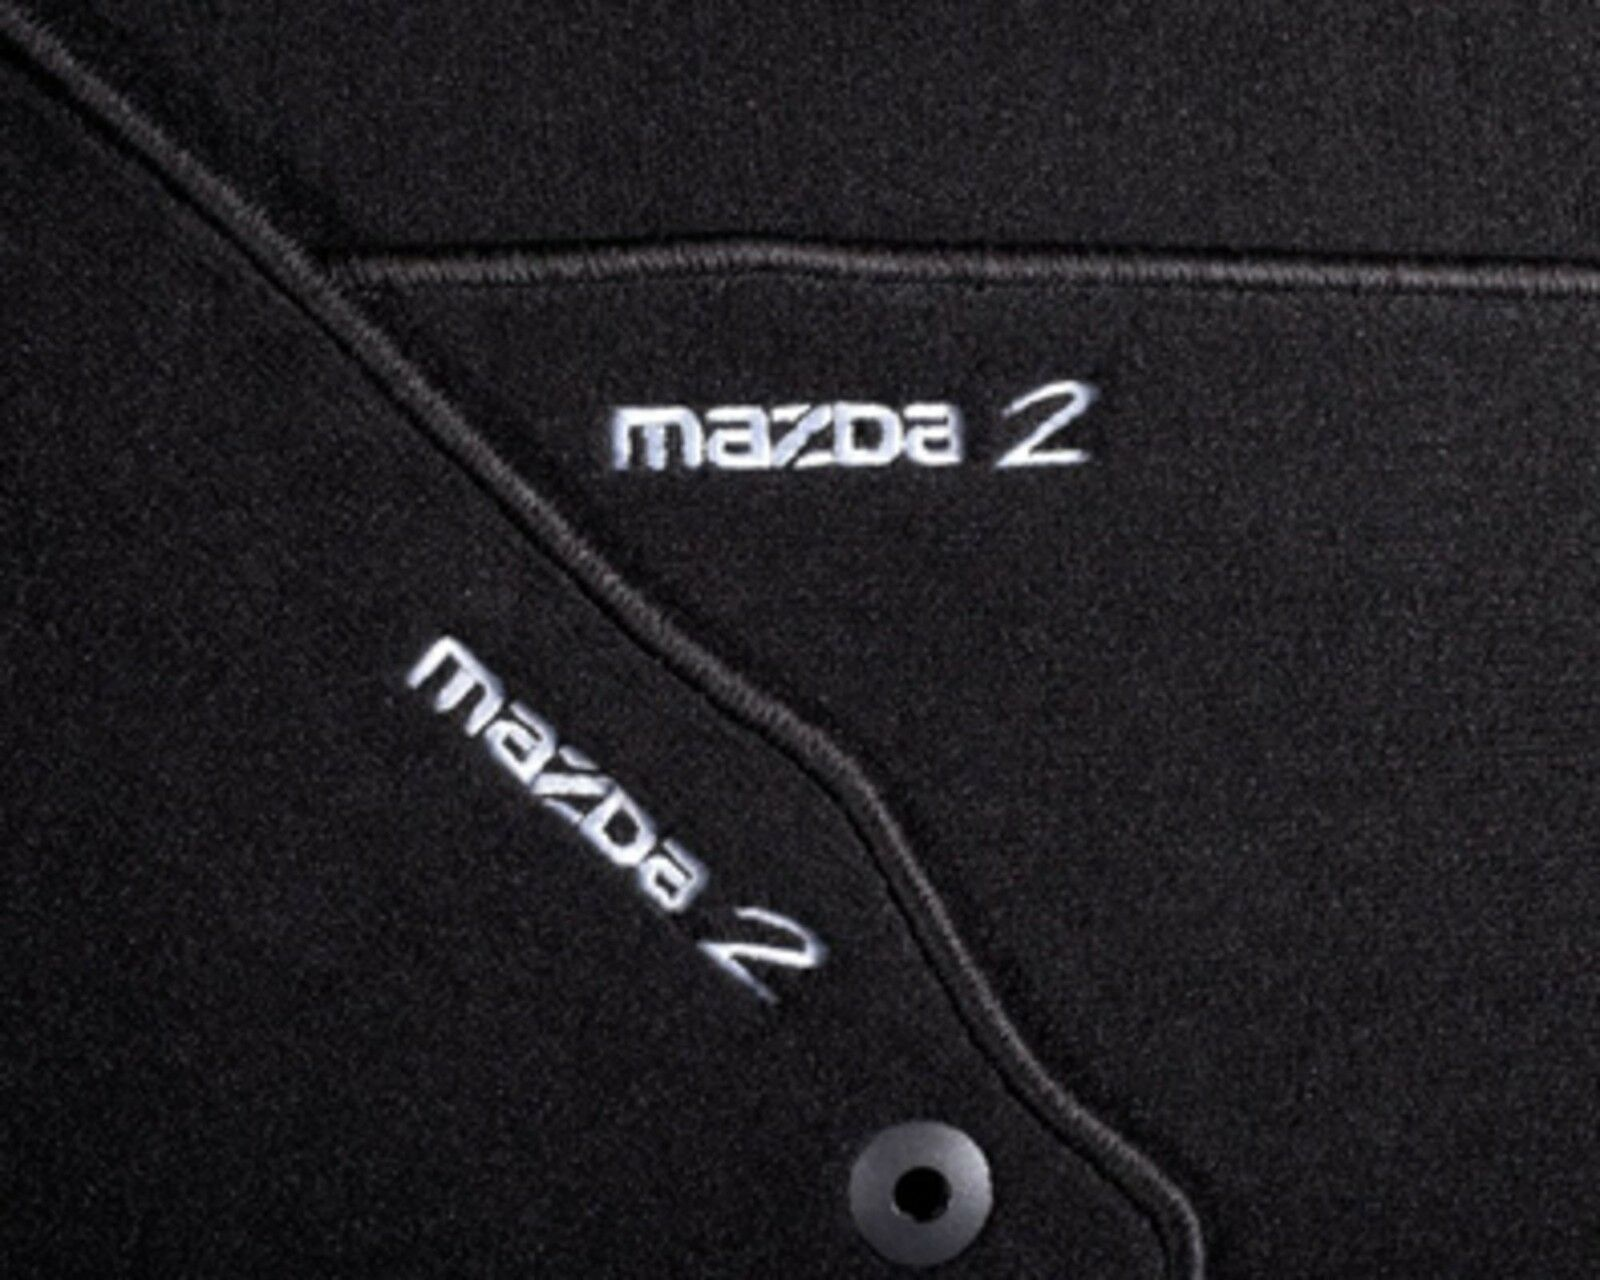 Gummi-Fußmatten Mazda CX-9 2007-2015 4tlg Gummimatten